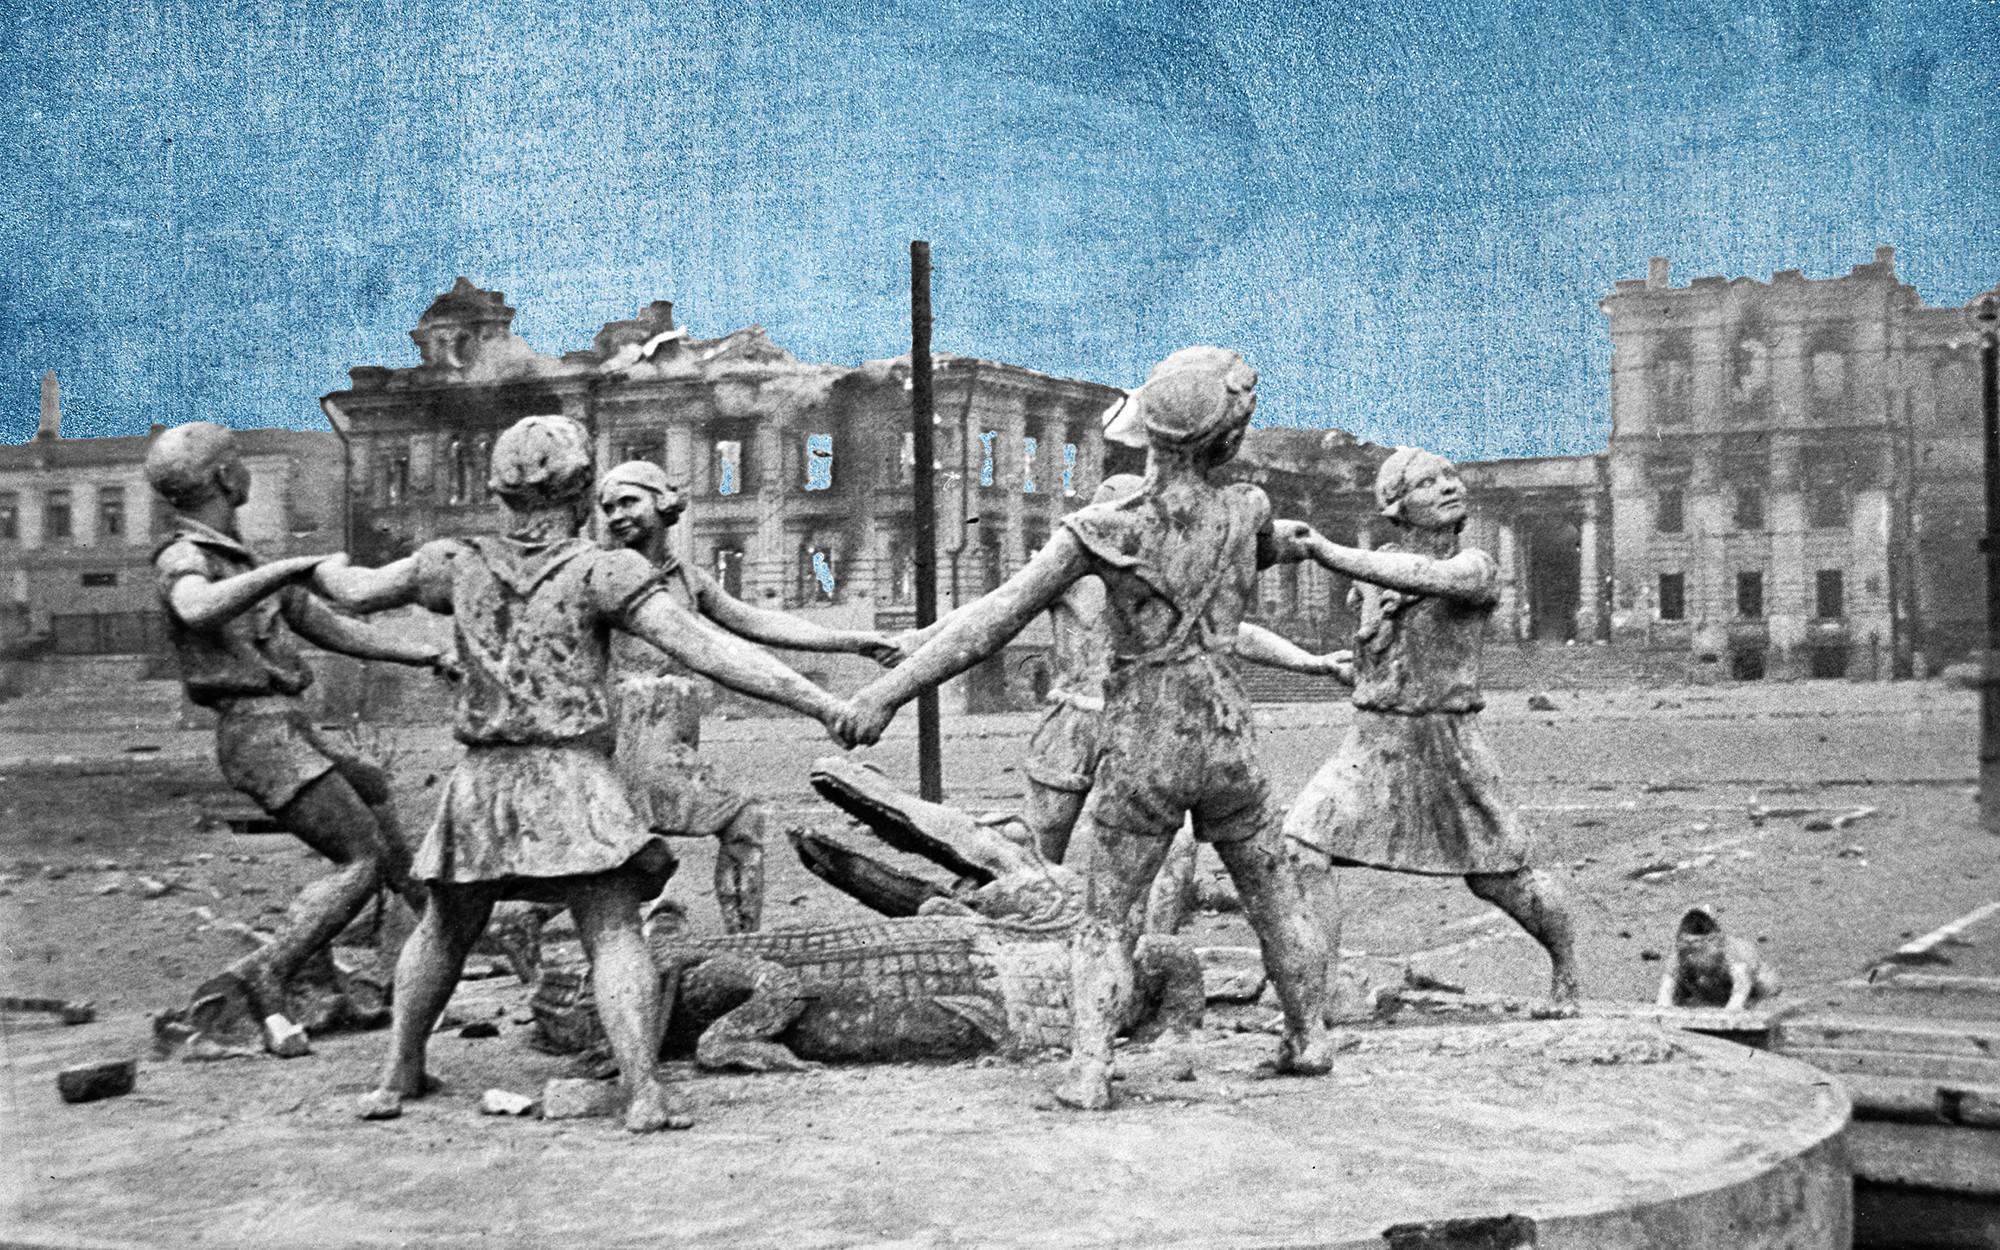 Разрушенный памятник играющим детям на вокзальной площади в Сталинграде после налёта немецкой авиации. Коллаж © L!FE. Фото: © РИА Новости / Эммануил Евзерихин